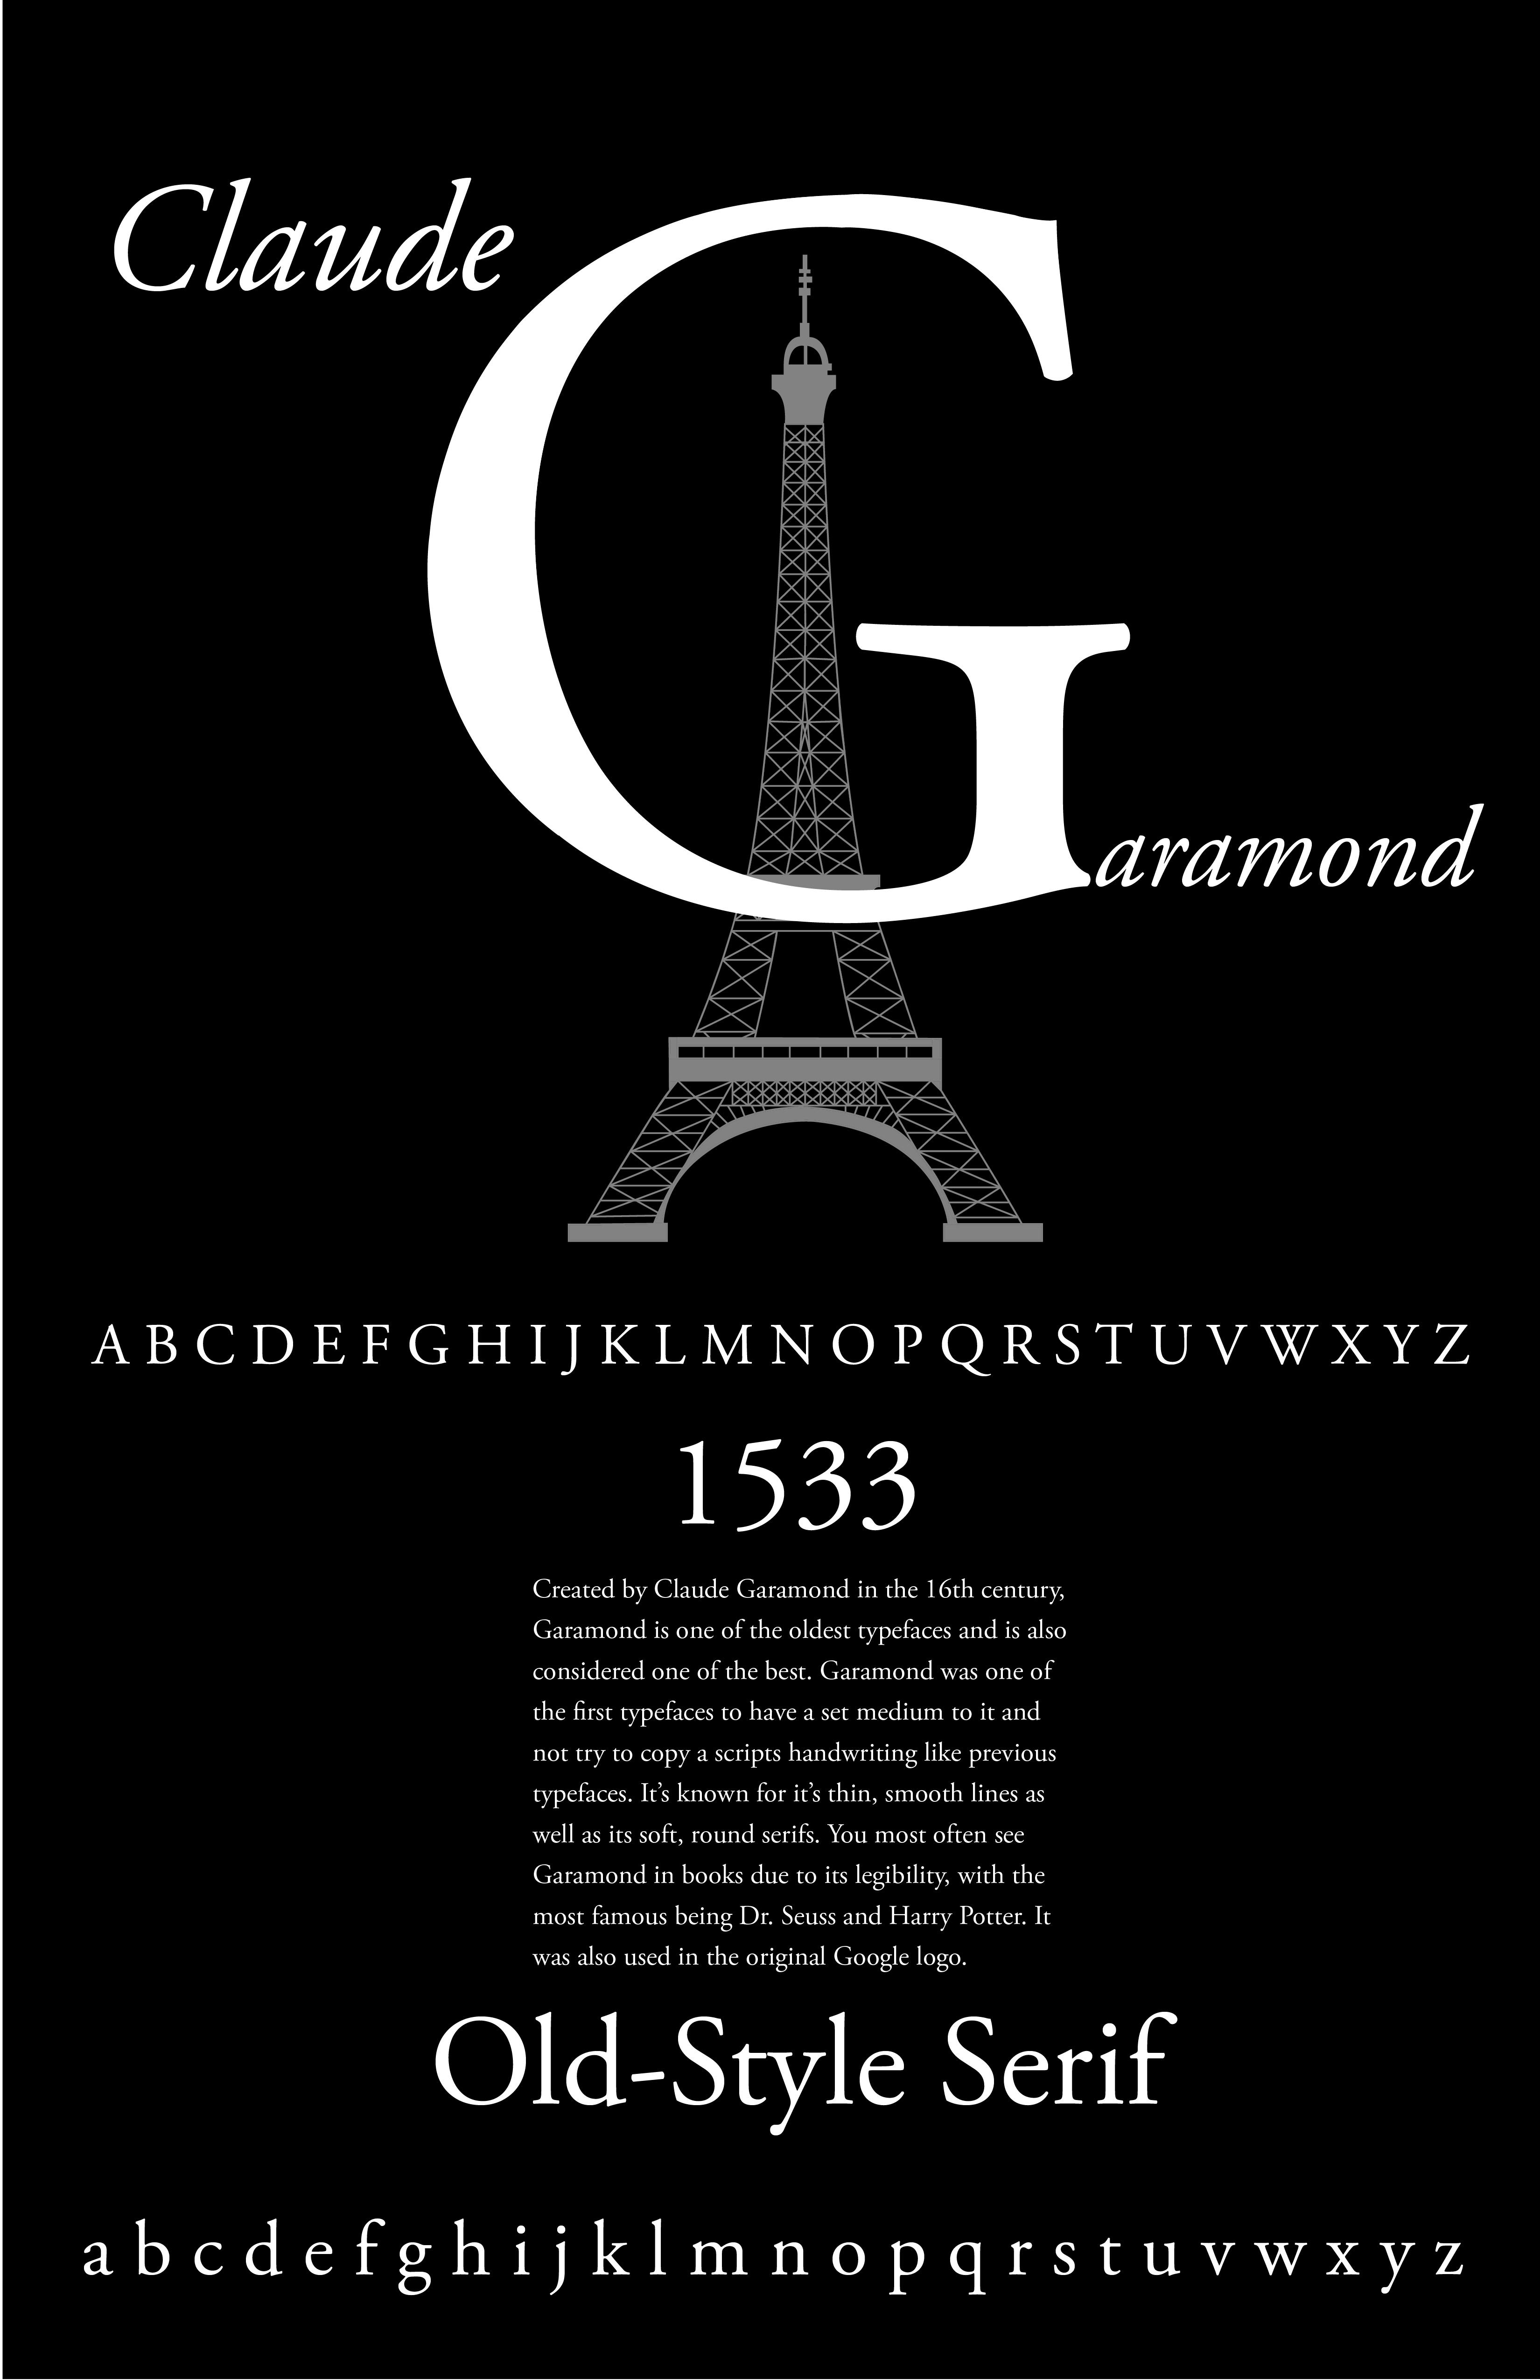 Garamond Type History